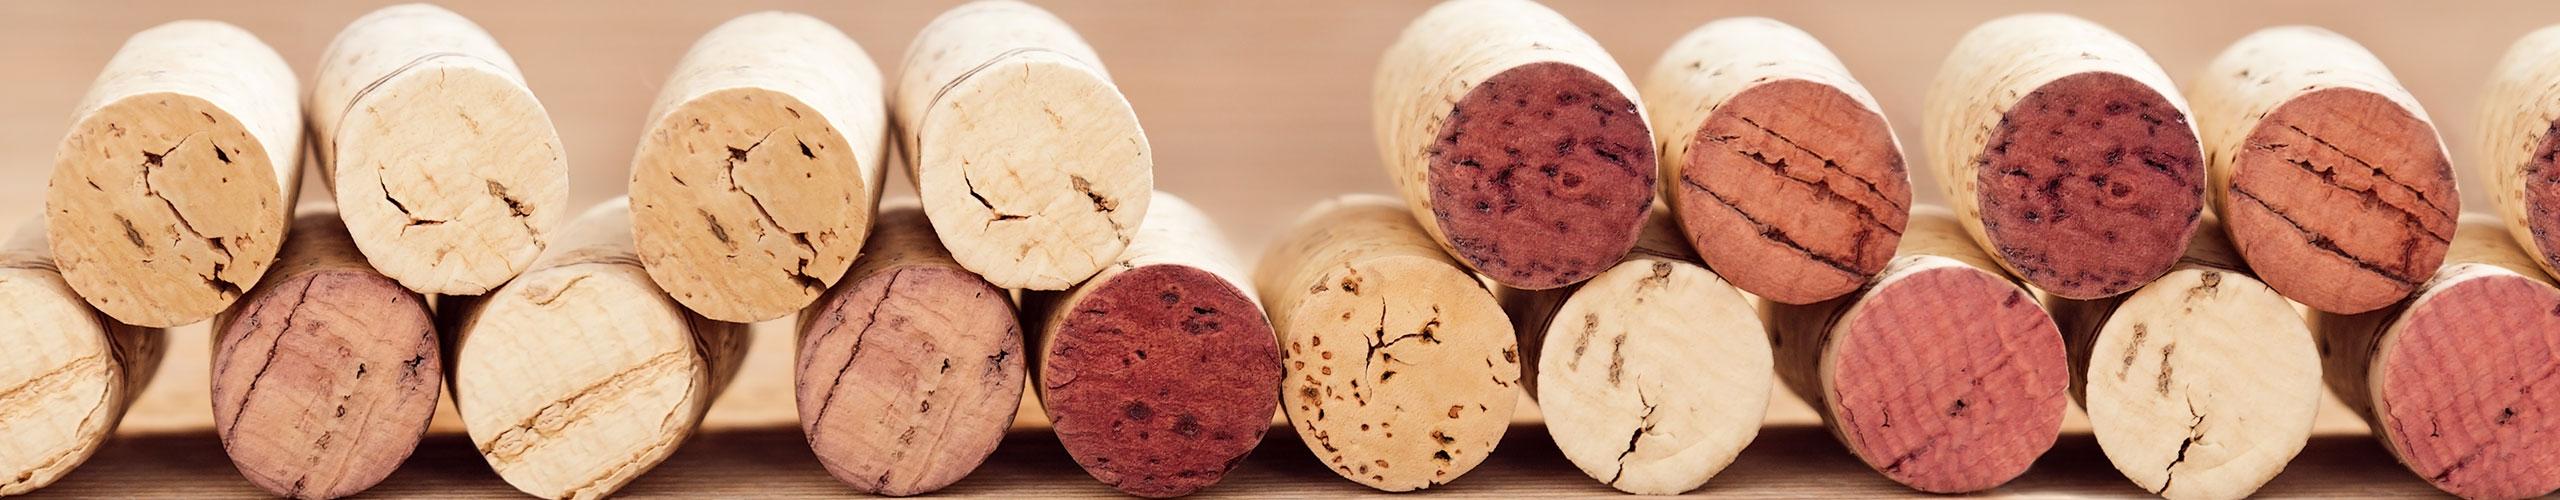 Favorit Erste Hilfe: Weinflasche öffnen ohne Korkenzieher | Weinfreunde YJ86